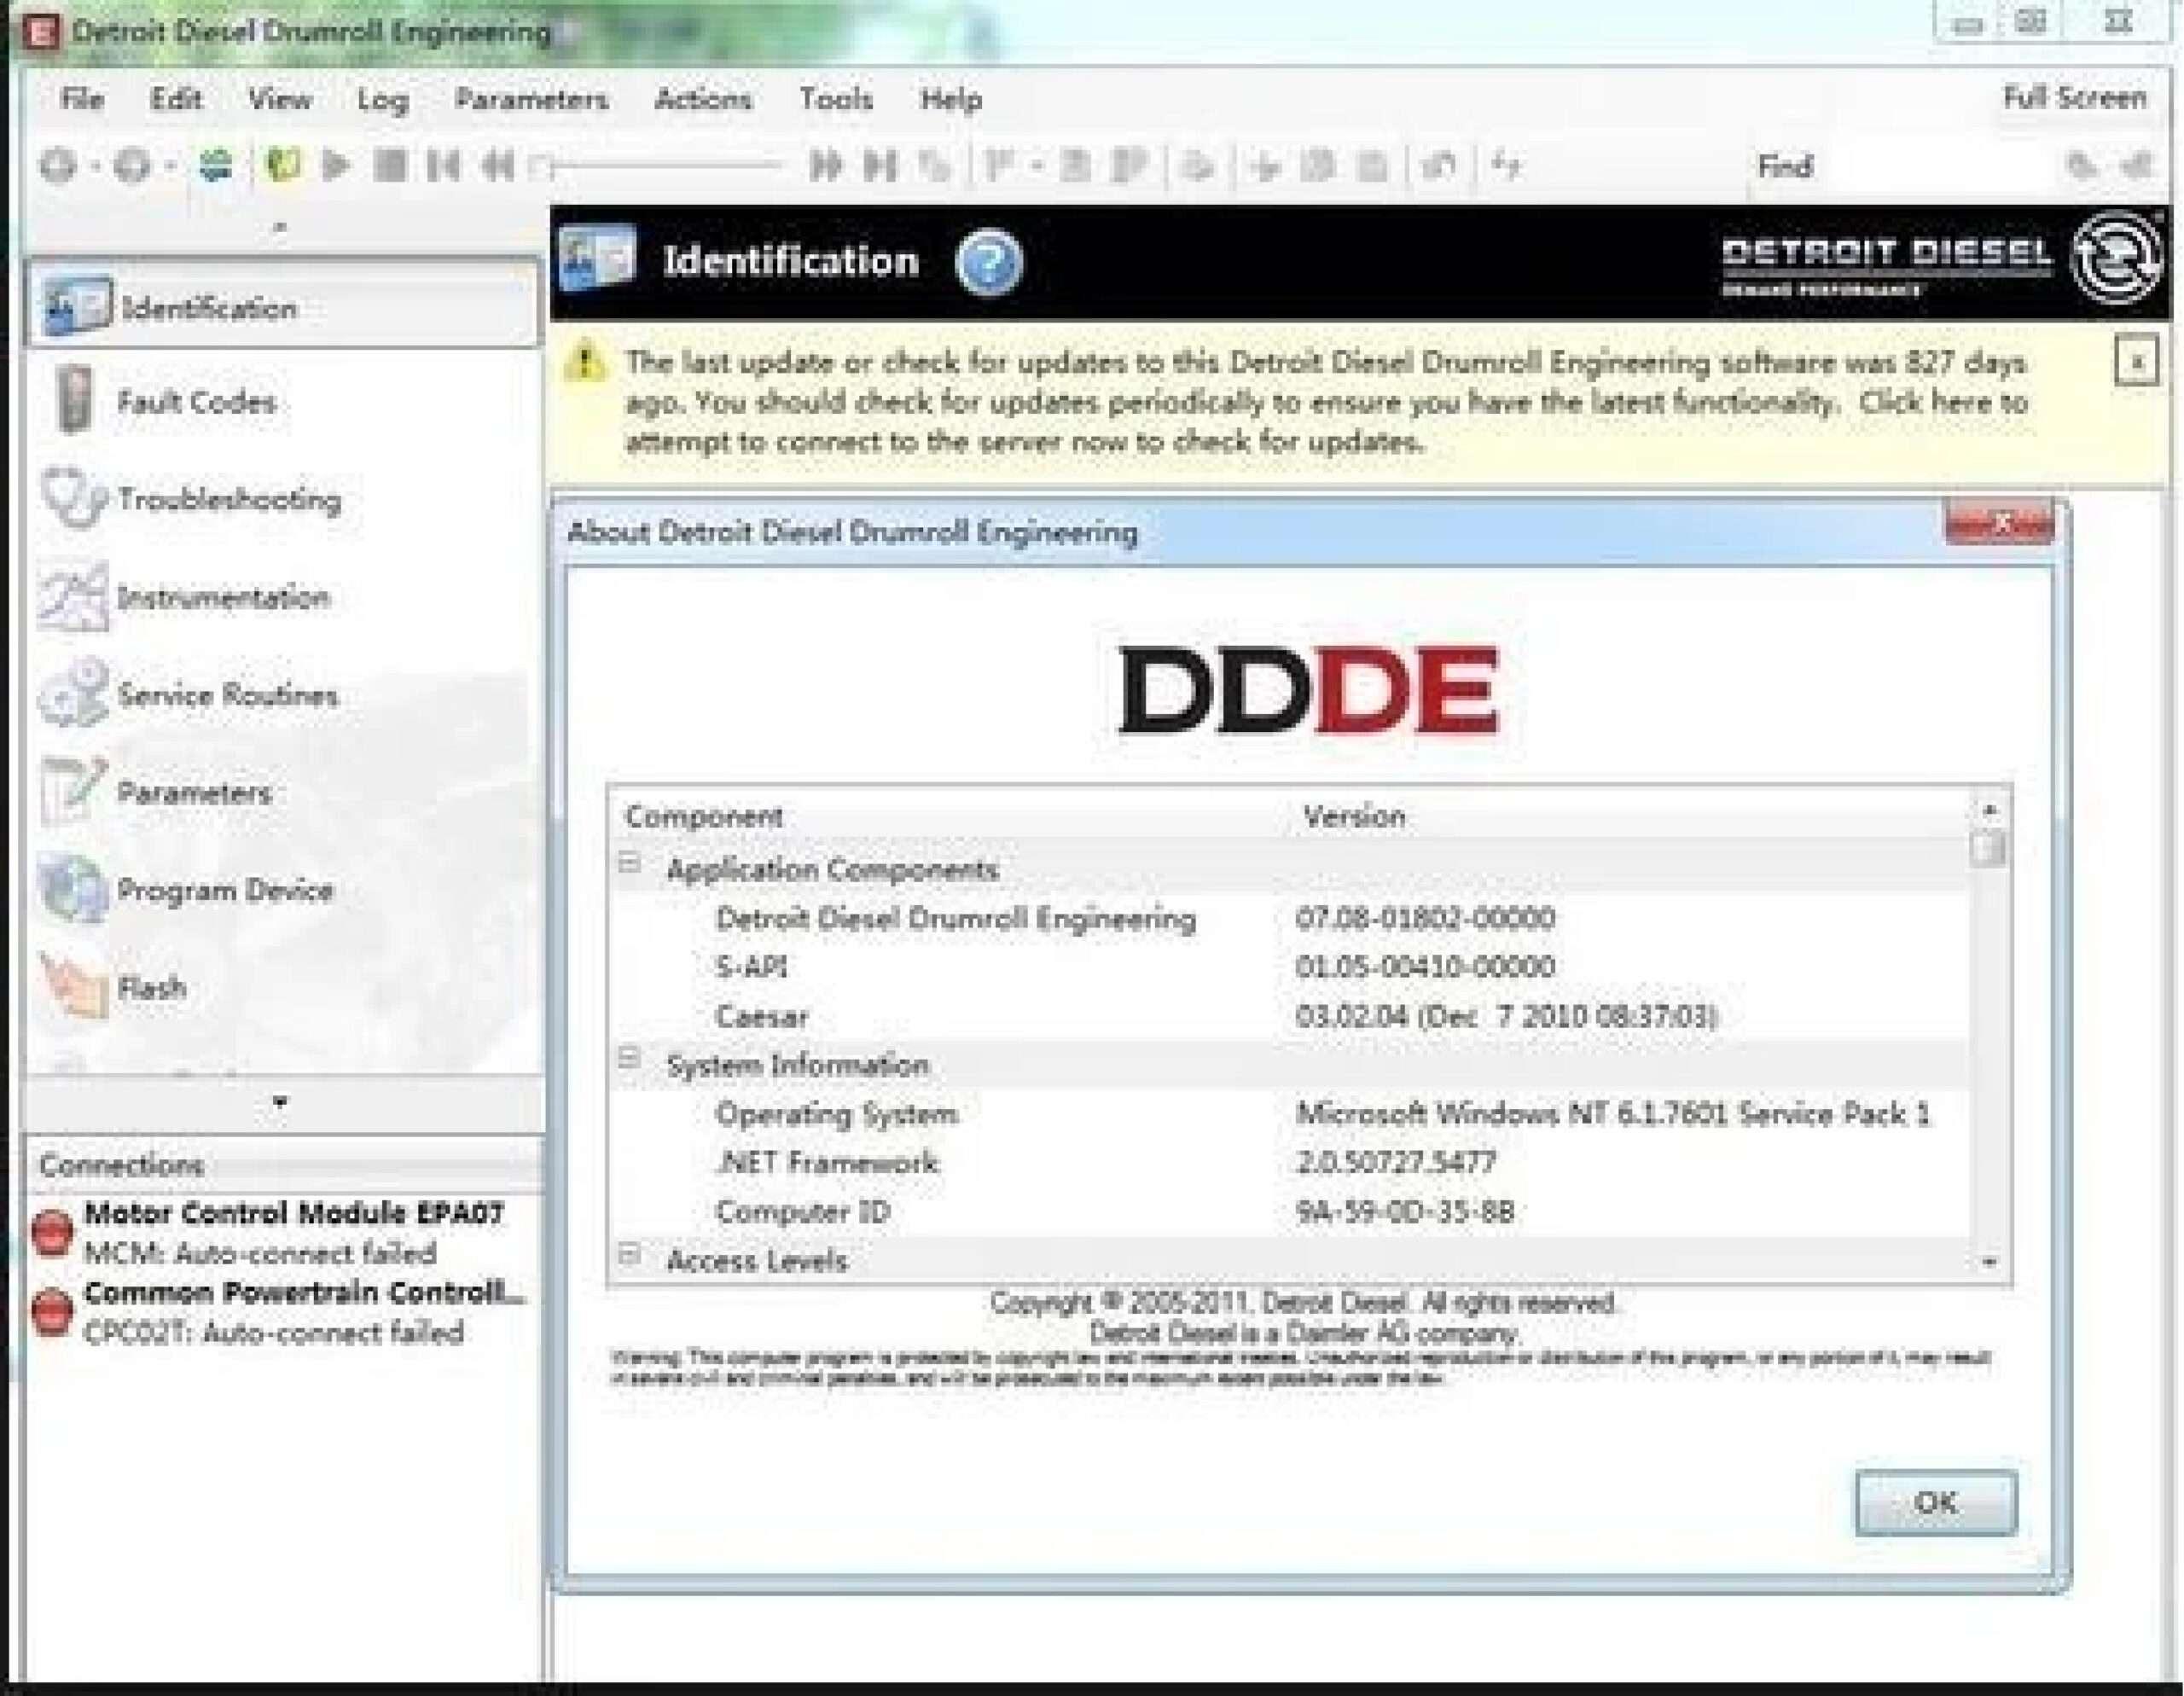 Detroit Diesel Drumroll Engineering DDDE SS-01